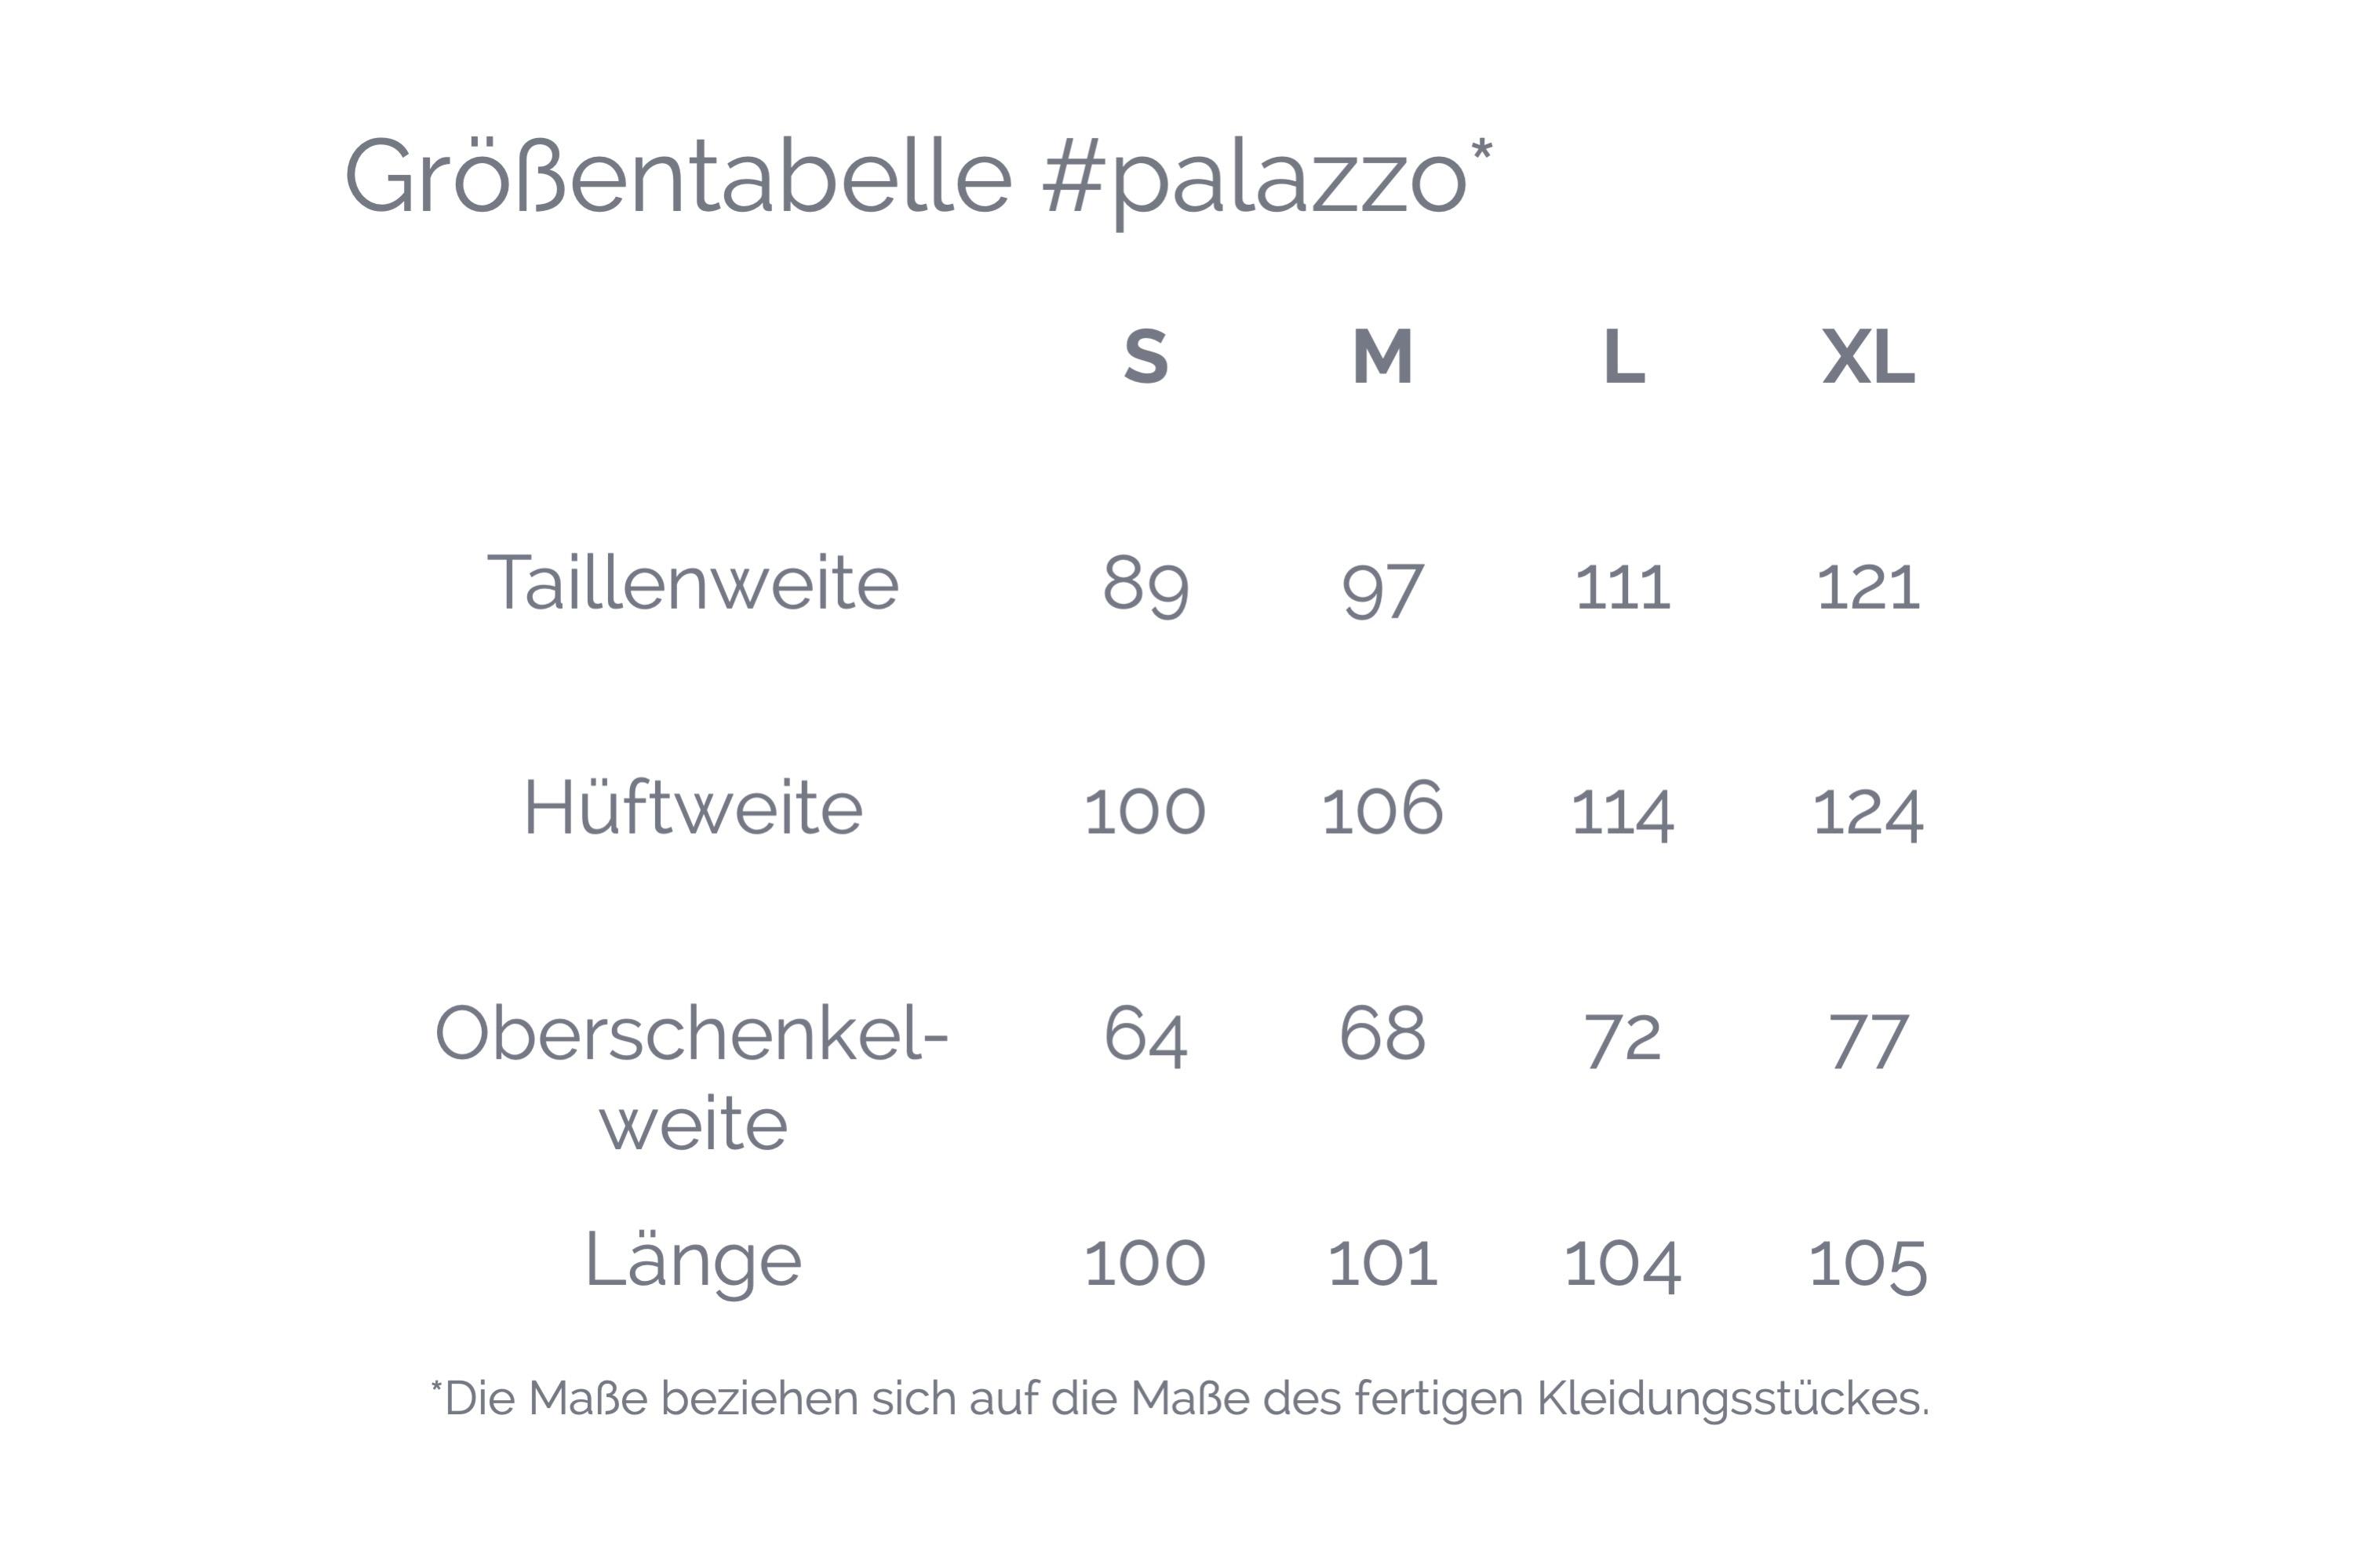 klar in Sicht preisreduziert Großhandelspreis 2019 Schnittmuster Hose #palazzo Download